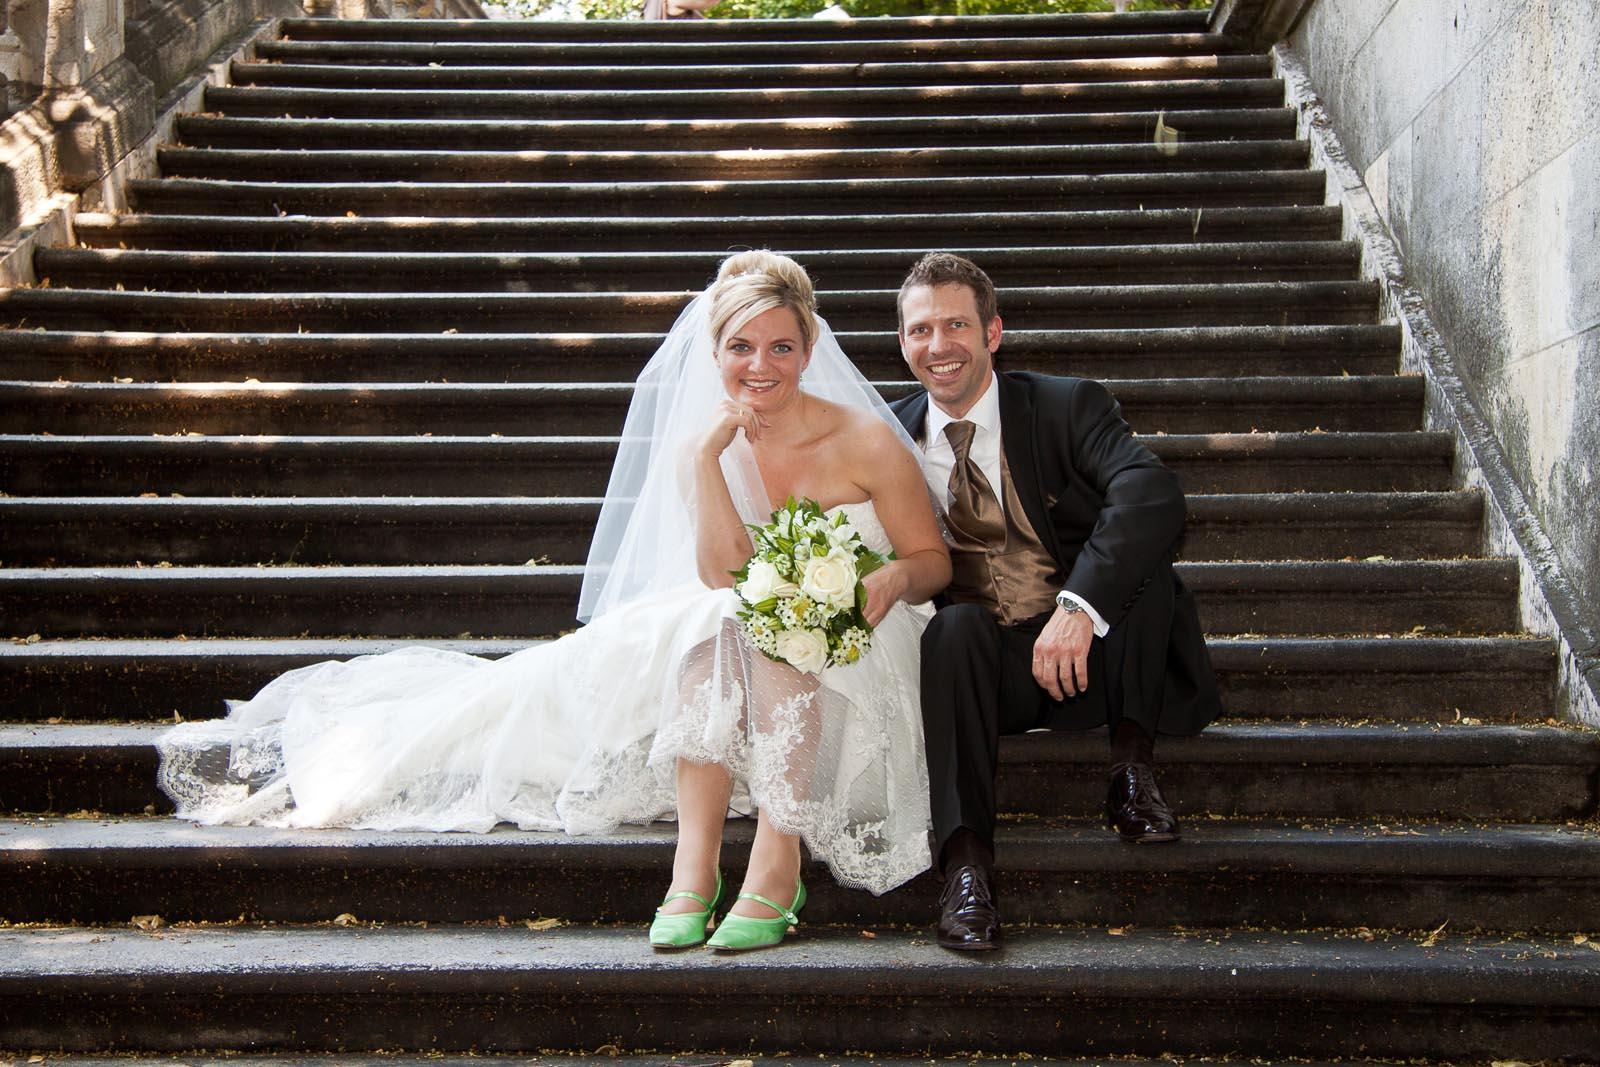 Hochzeitsportraits-Bindl-Hochzeitsportraits-Bindl-8298.jpg